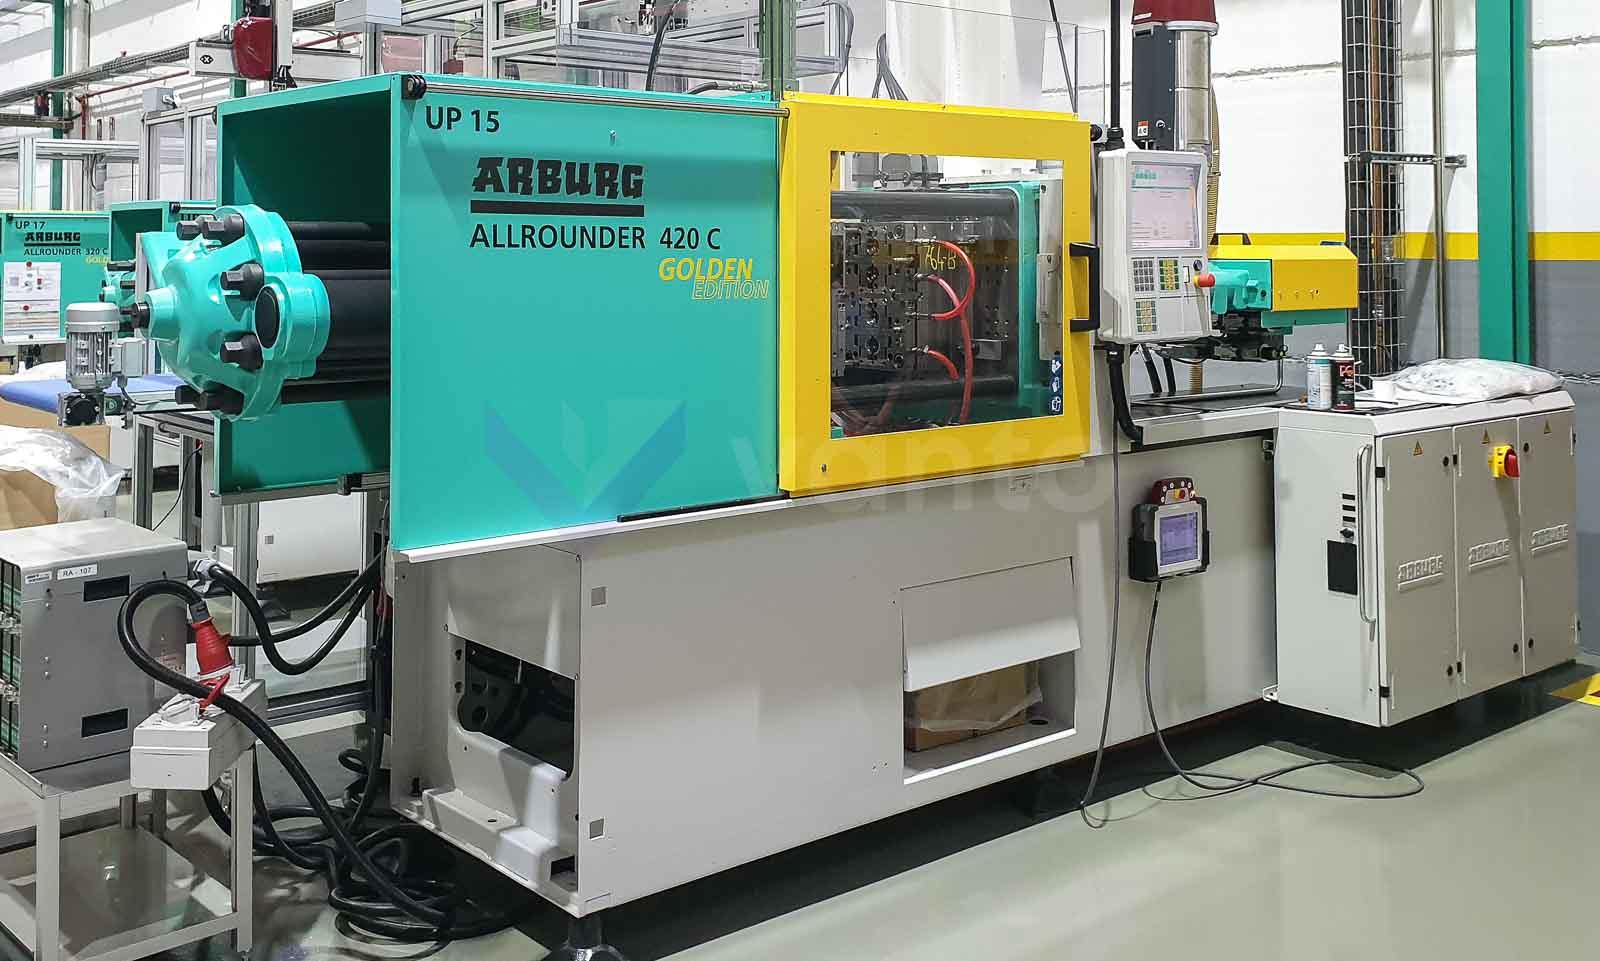 ARBURG 420C 1000 290 100t Spritzgießmaschine (2018) id10555